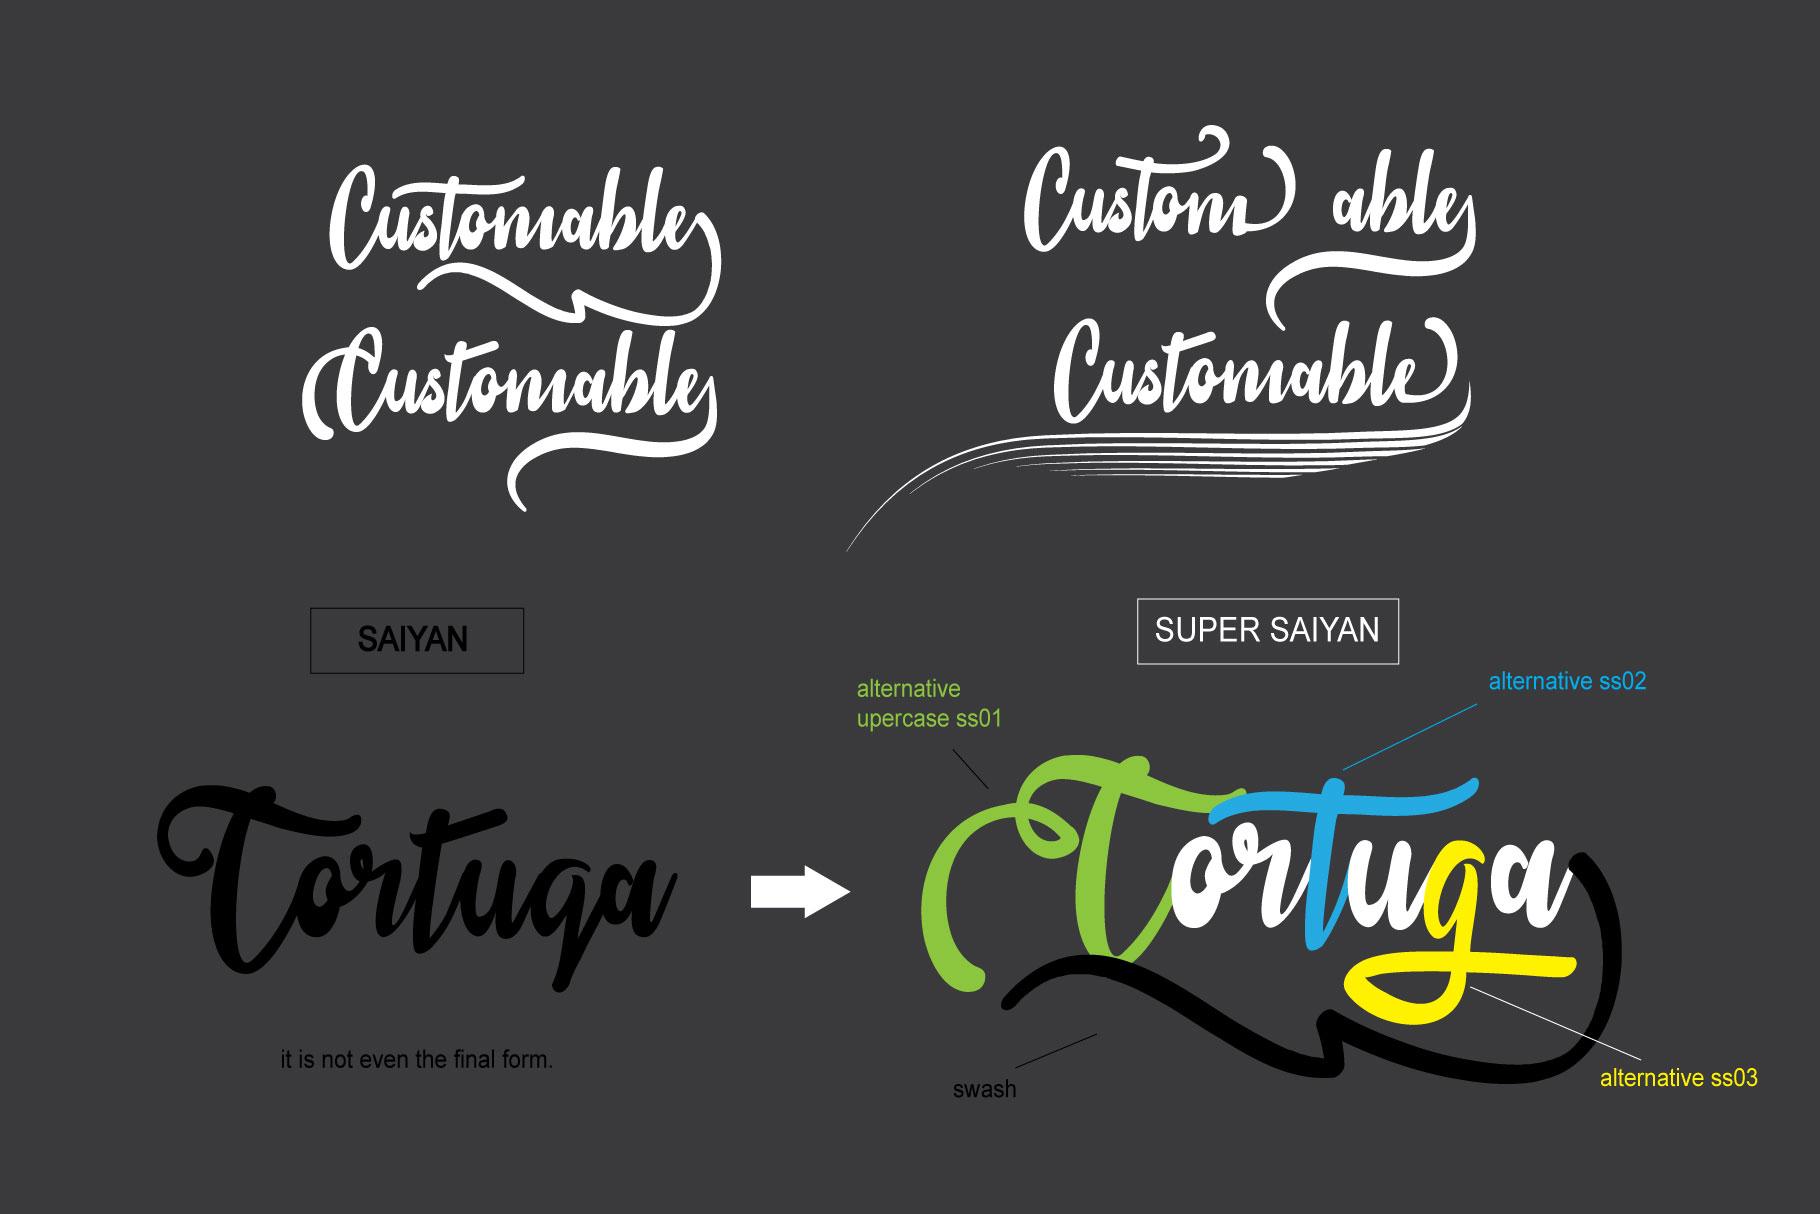 sail tortuga example image 2